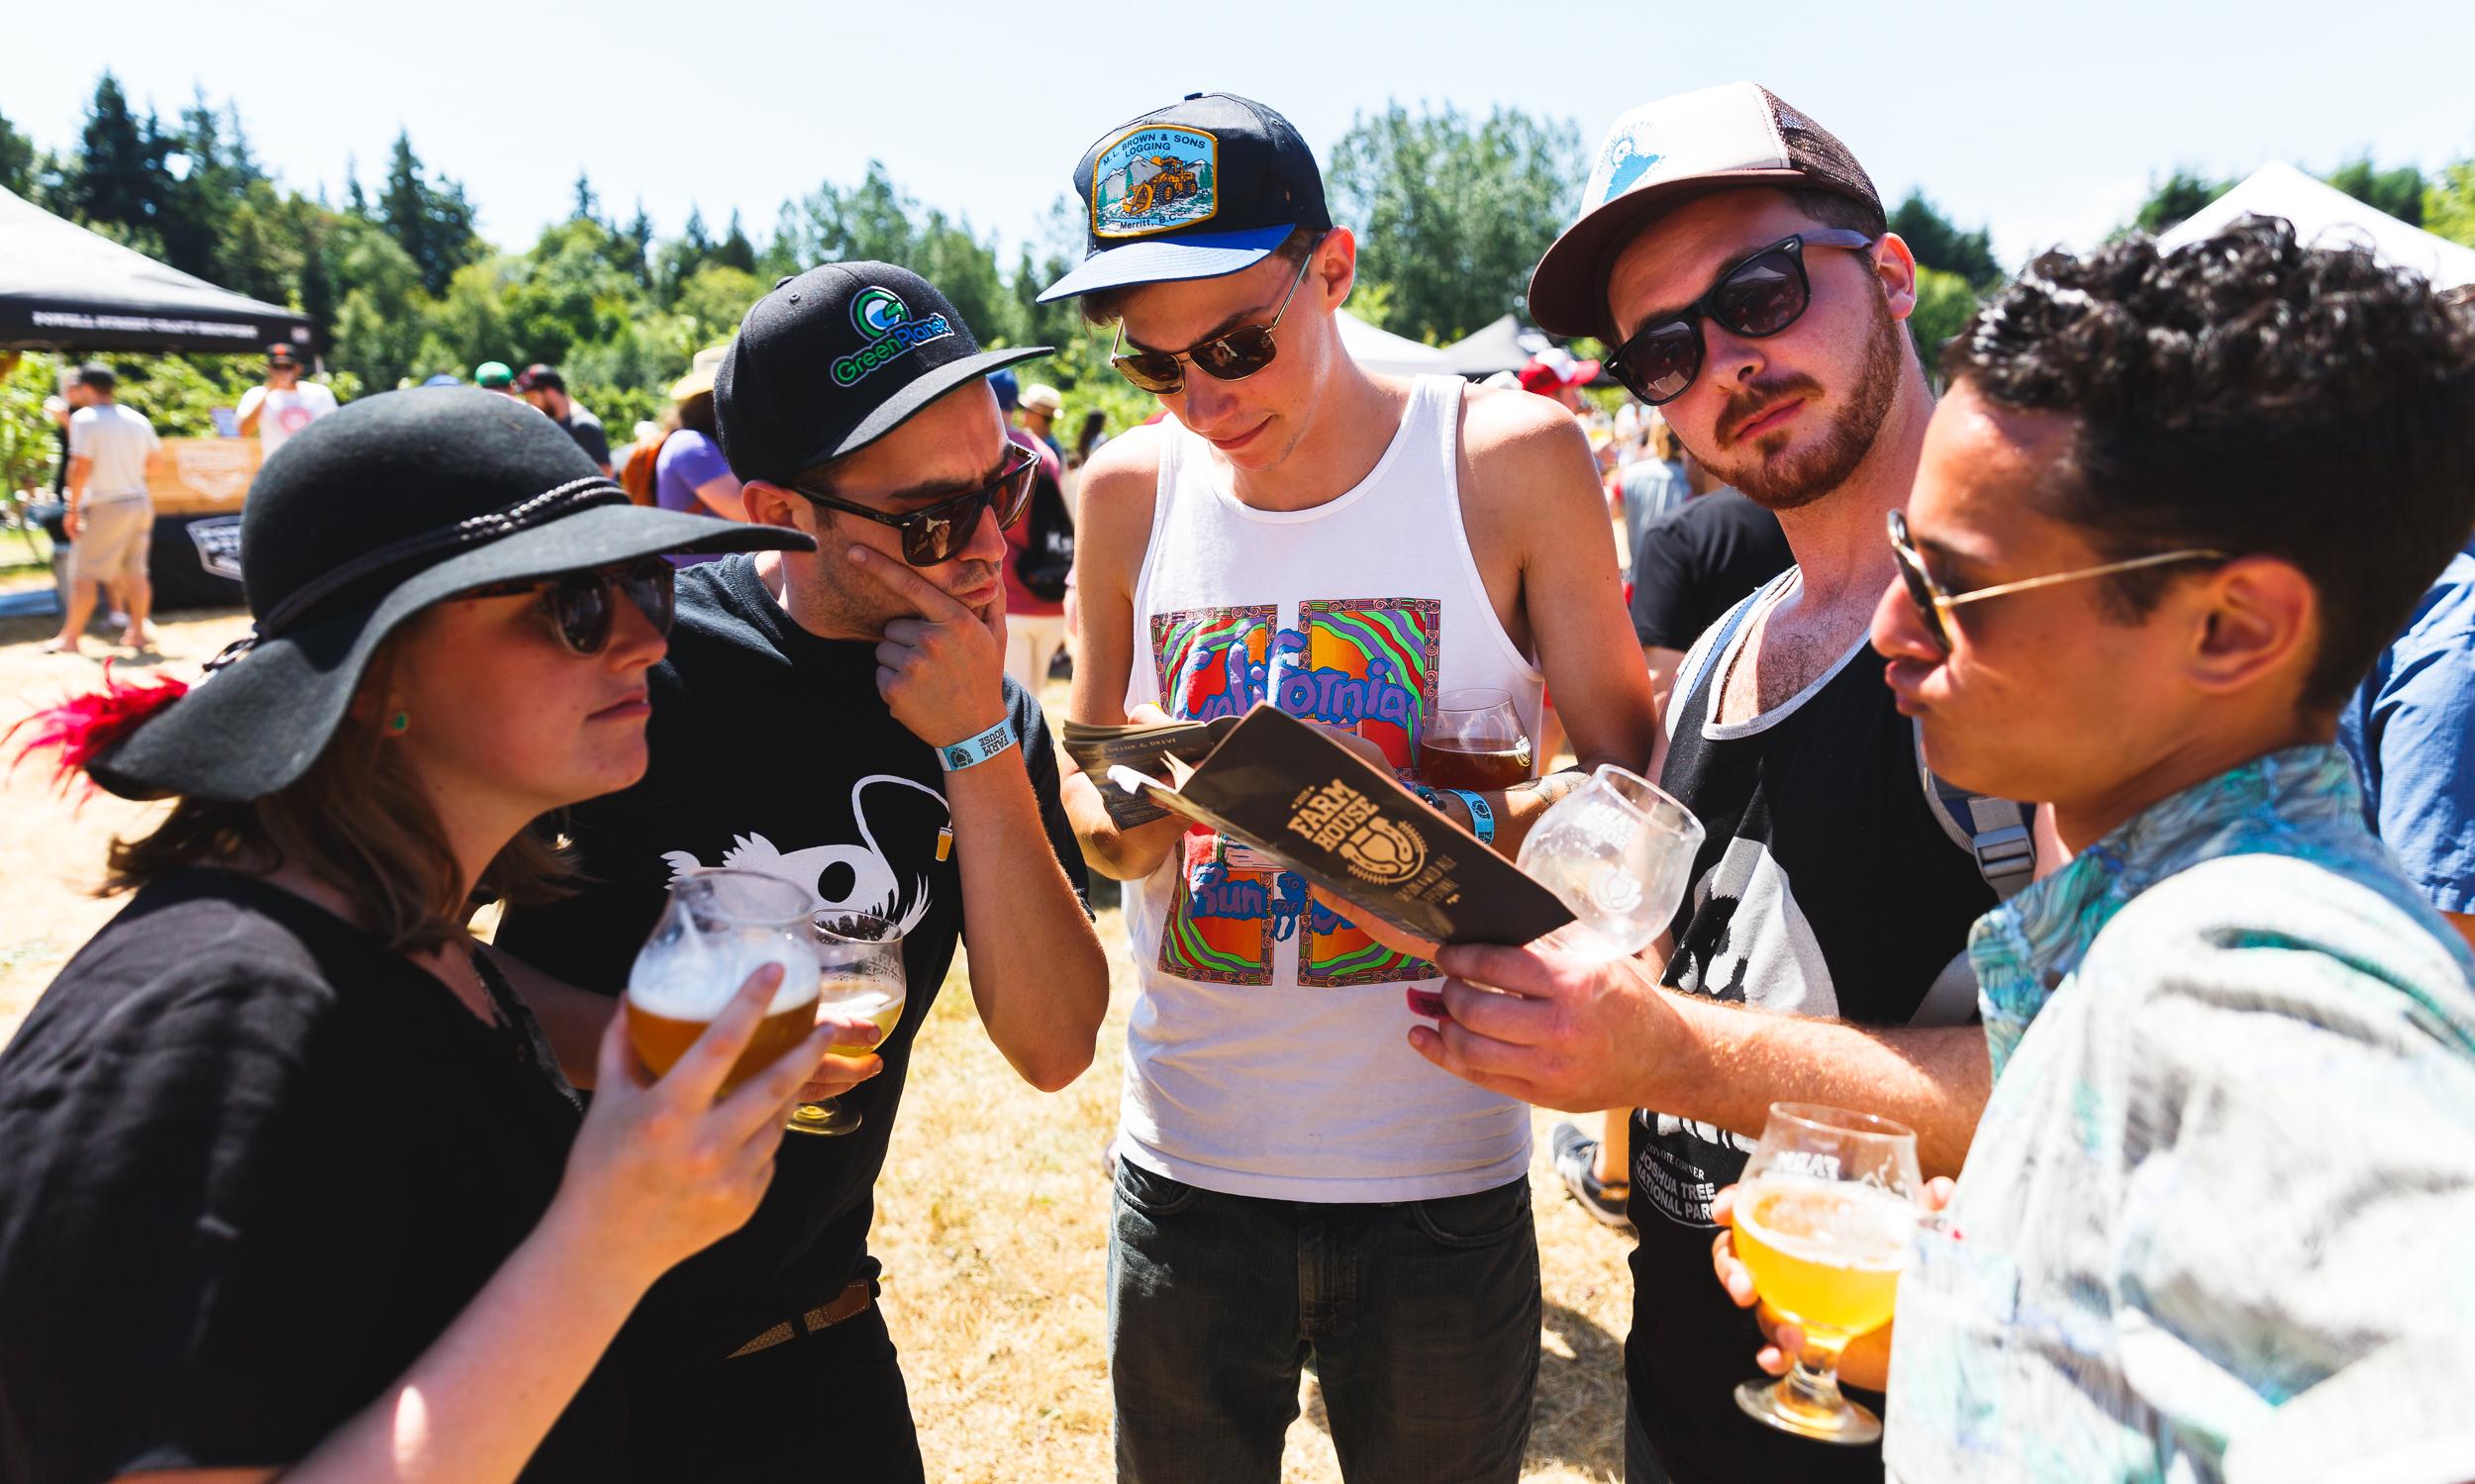 Farmhouse-Fest-Vancouver-image27.jpg